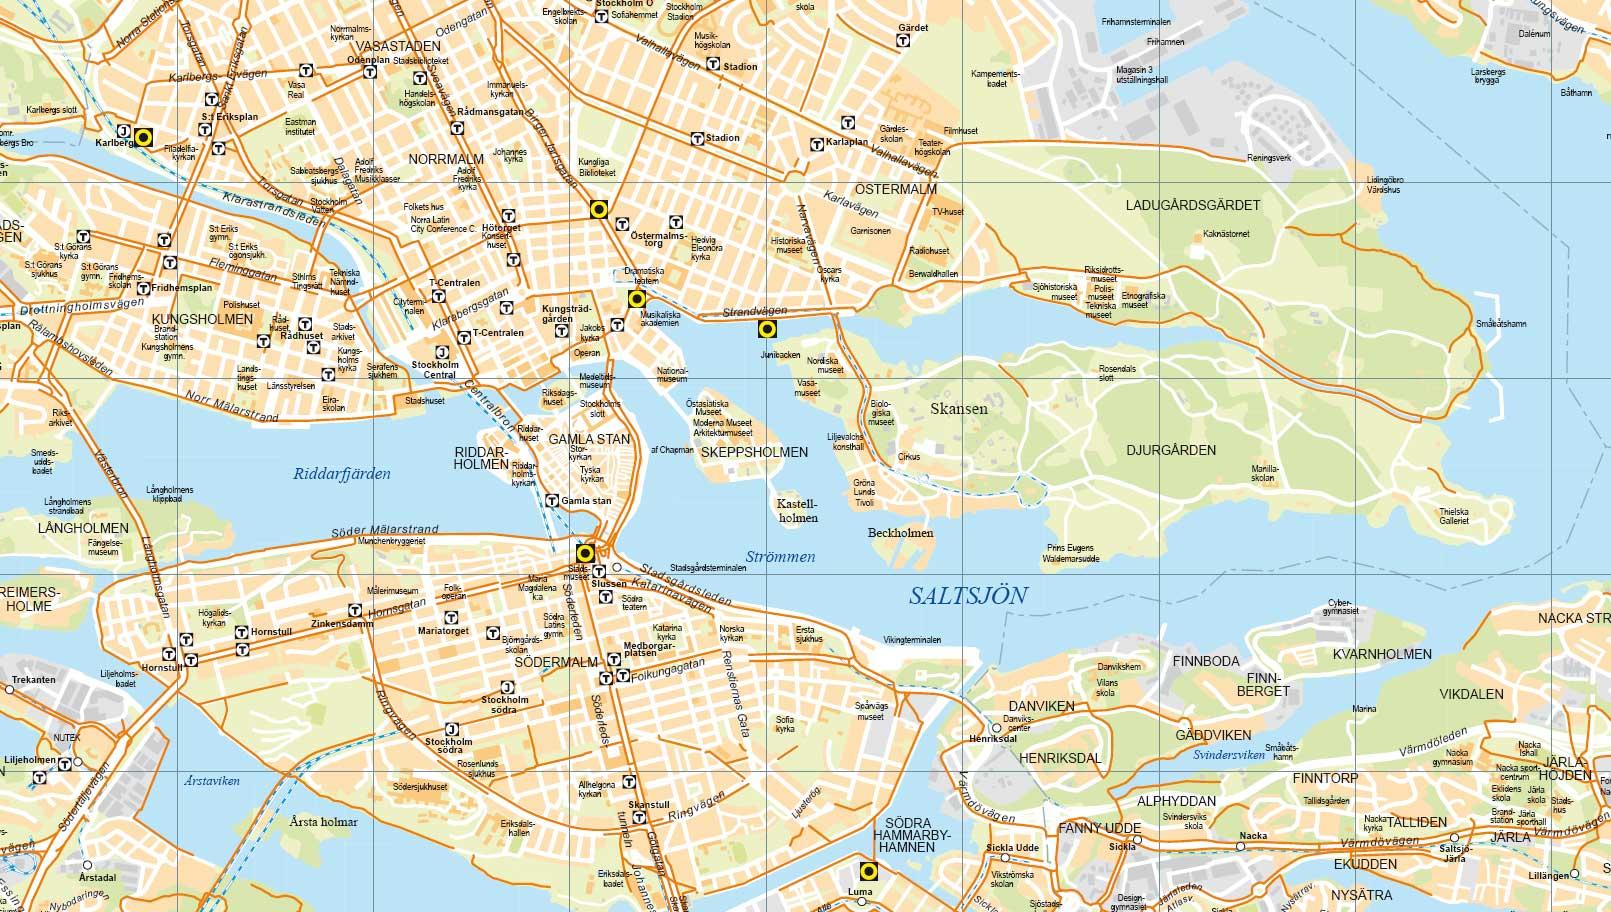 karta över stockholms stad Cykla i Stockholm   Stockholm turistguide karta över stockholms stad